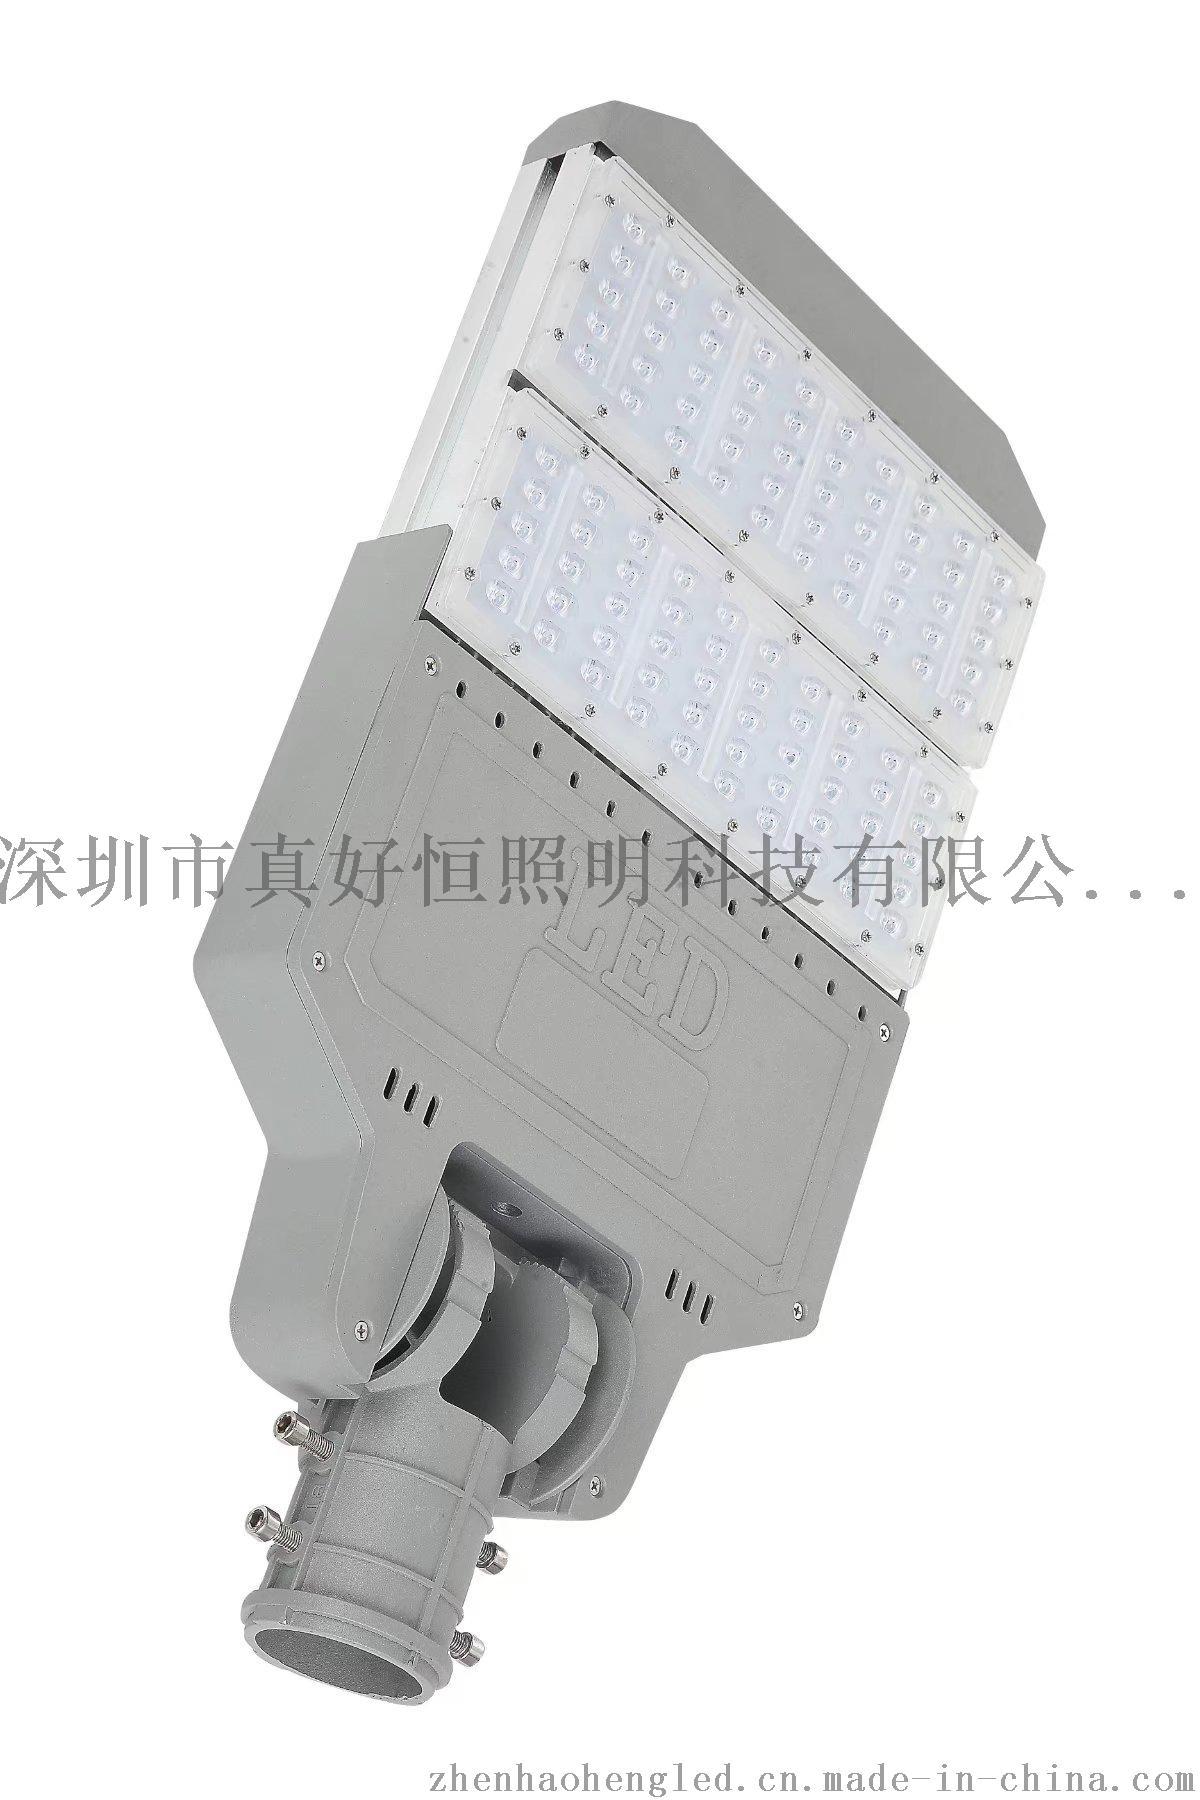 好恒照明专业生产LED100瓦模组路灯 隧道灯 投光灯 庭院灯挑臂路灯变形金刚模组758480985